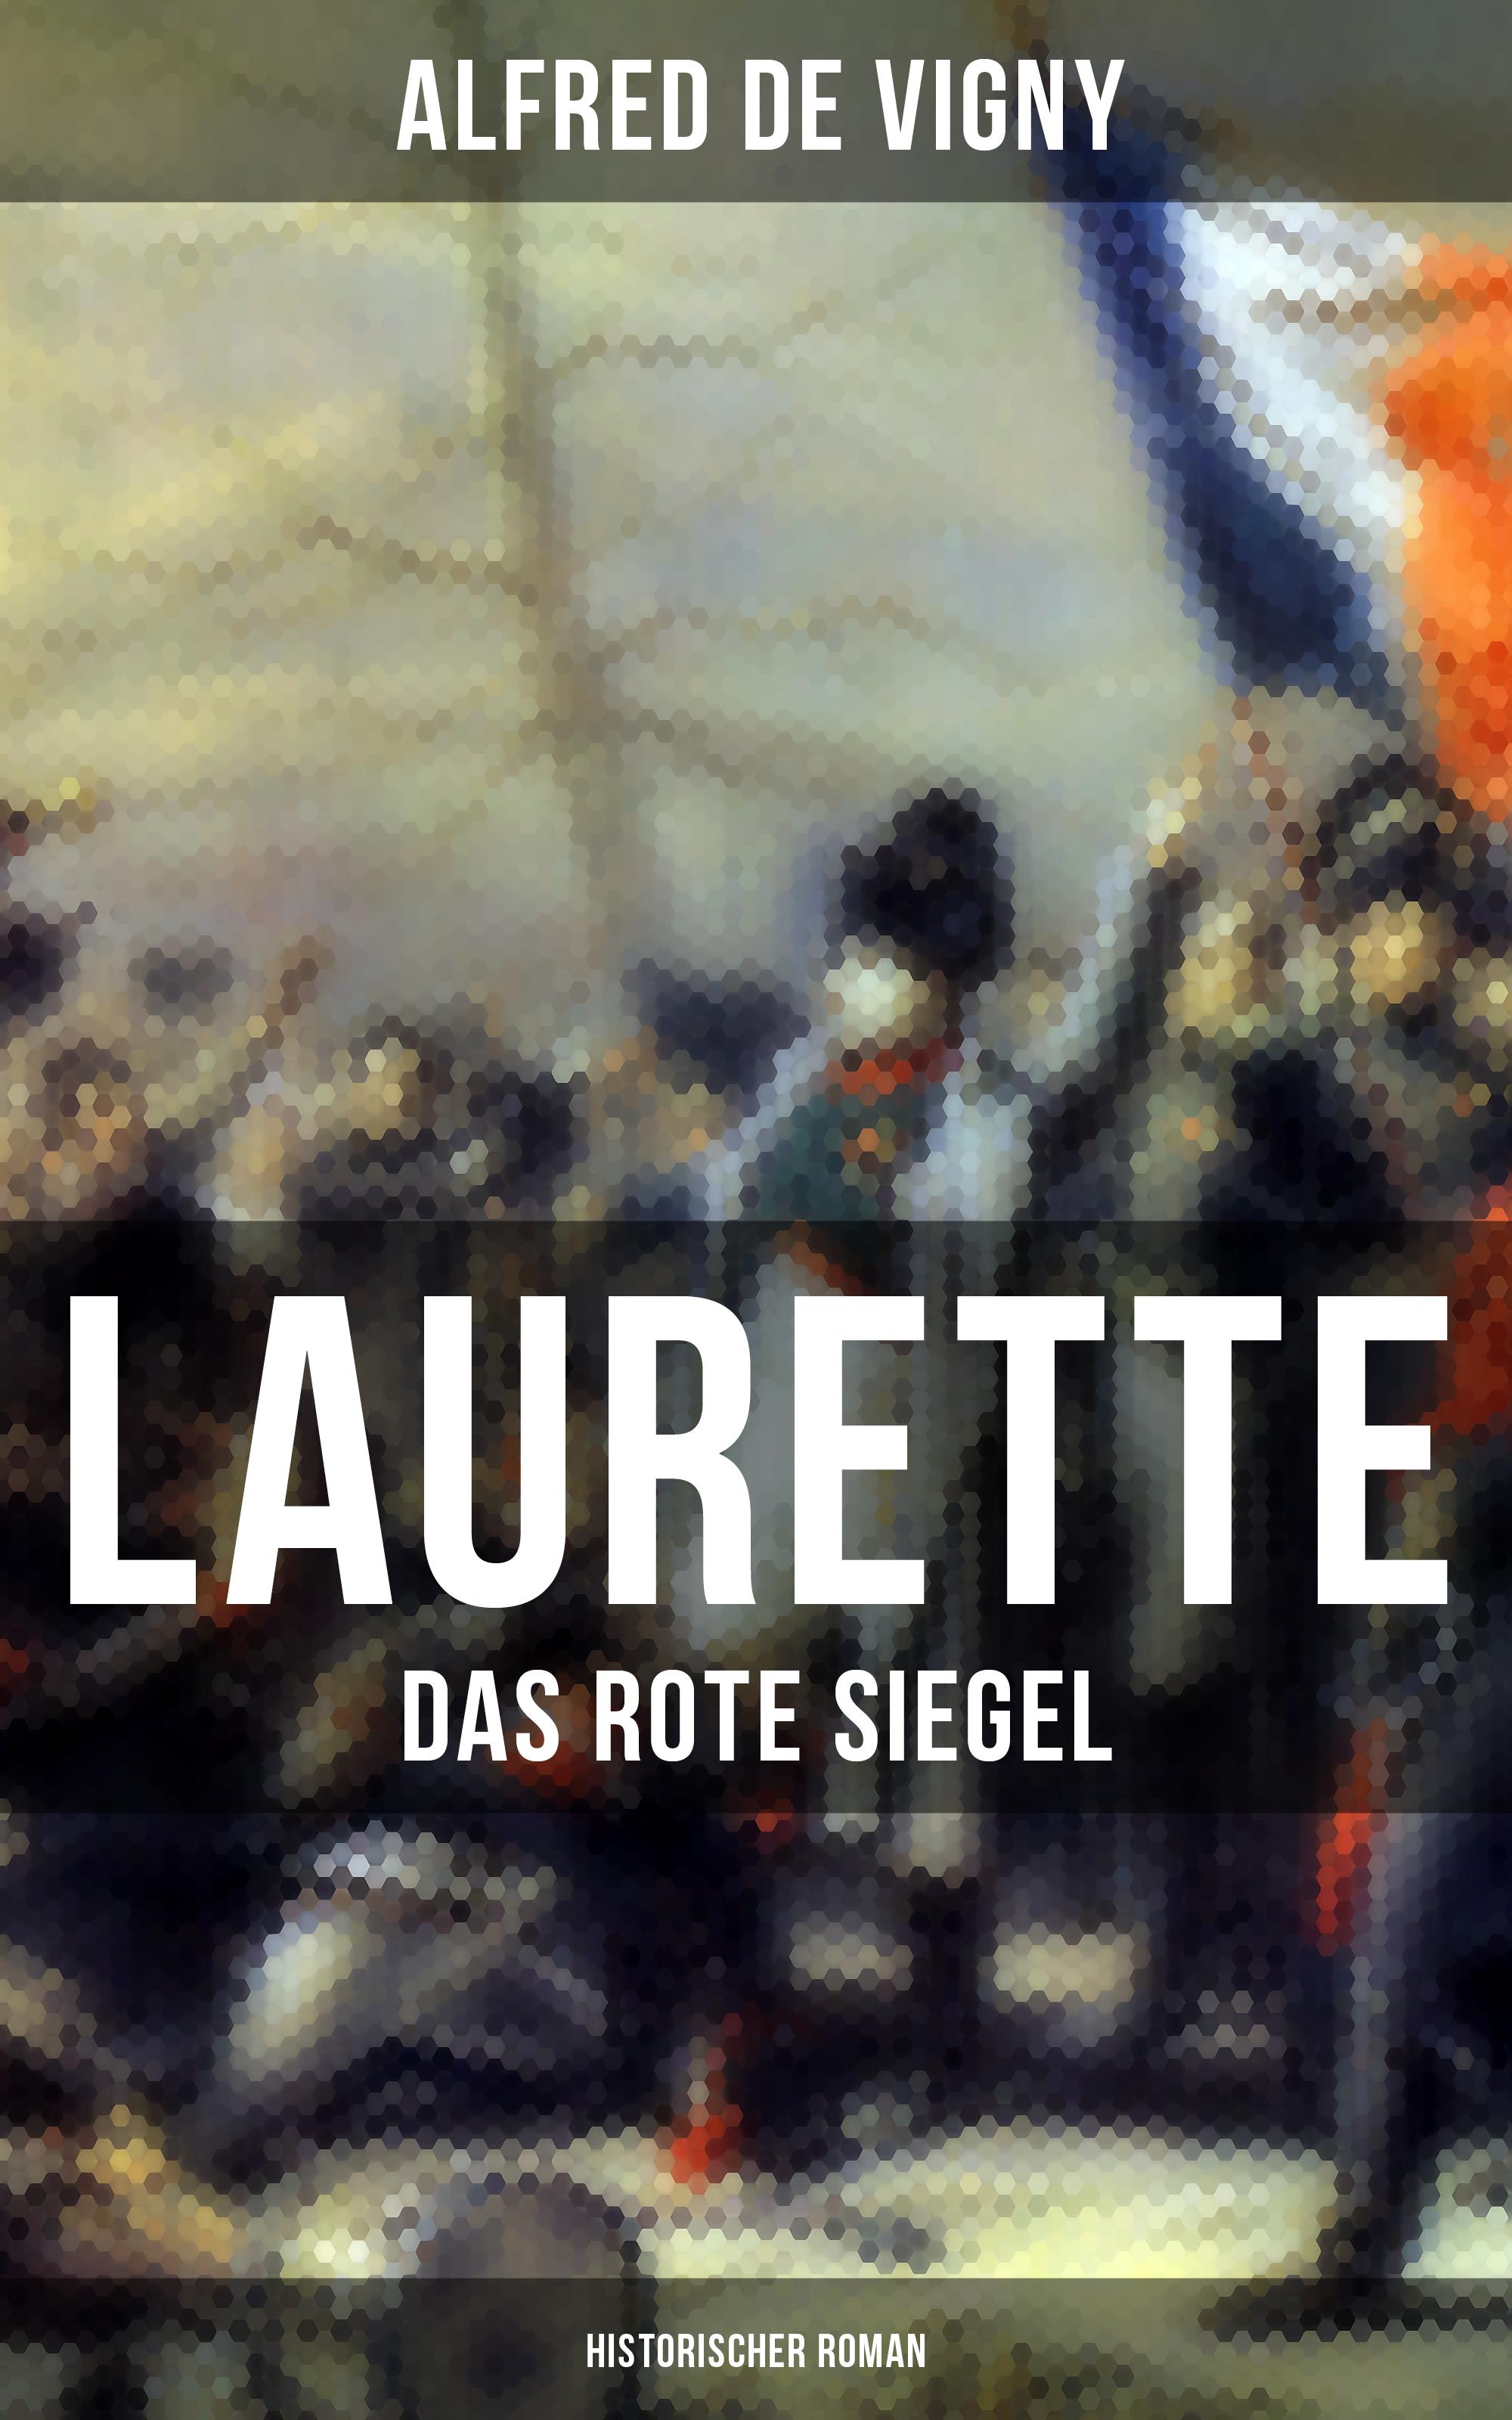 Alfred de Vigny Laurette - Das rote Siegel (Historischer Roman) das rote blumelein